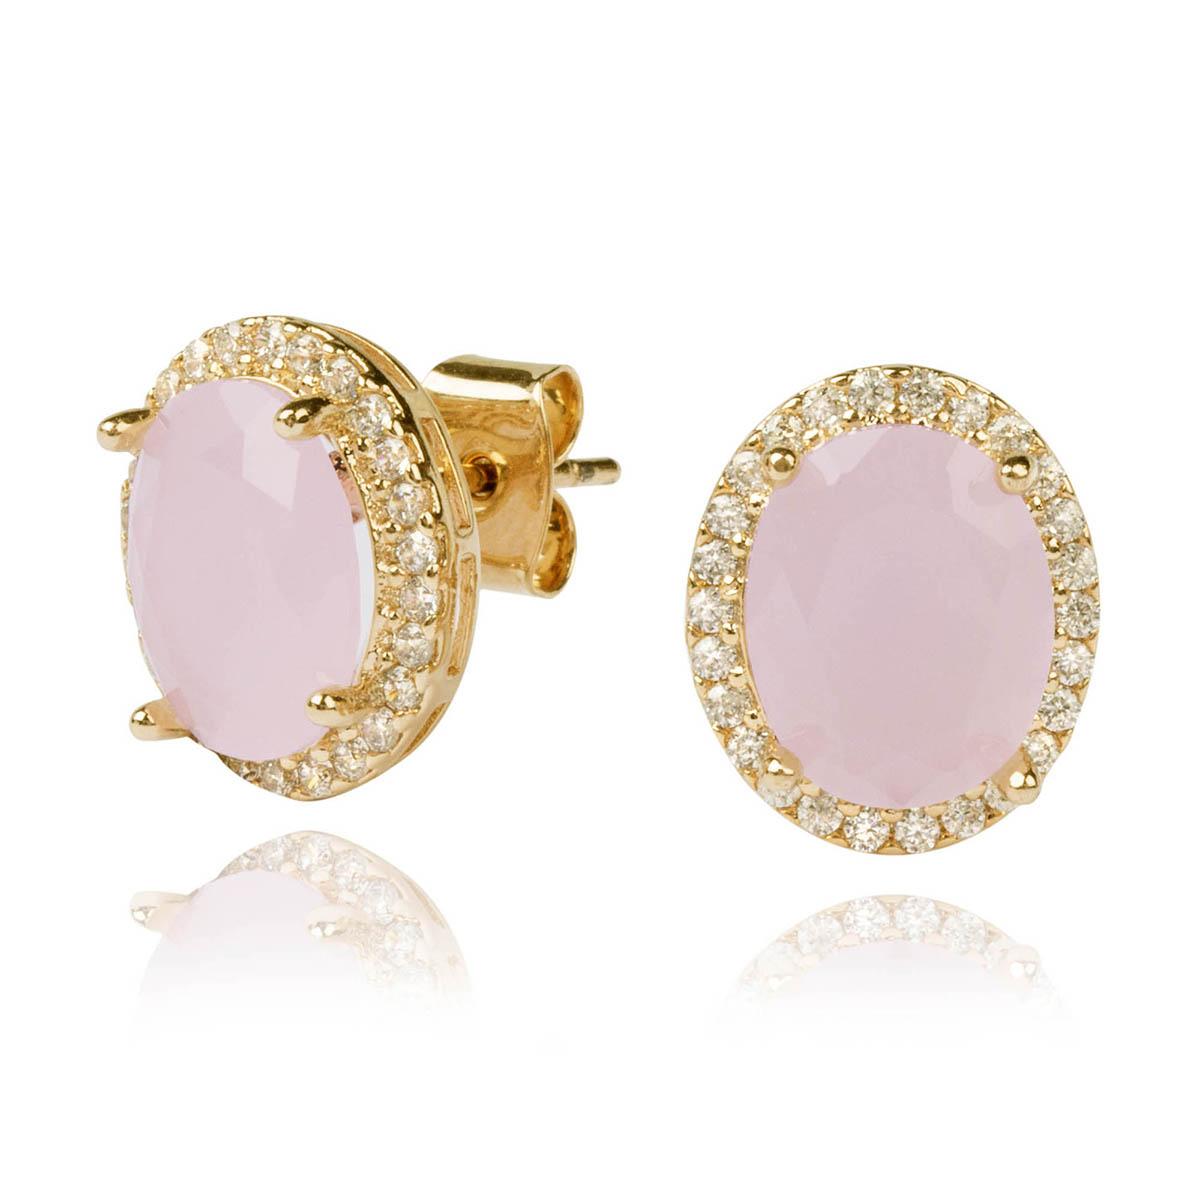 Brinco Oval Semijoia em Ouro 18K com Zircônias Quartzo Rosa Leitoso e Branca  - SOLOYOU